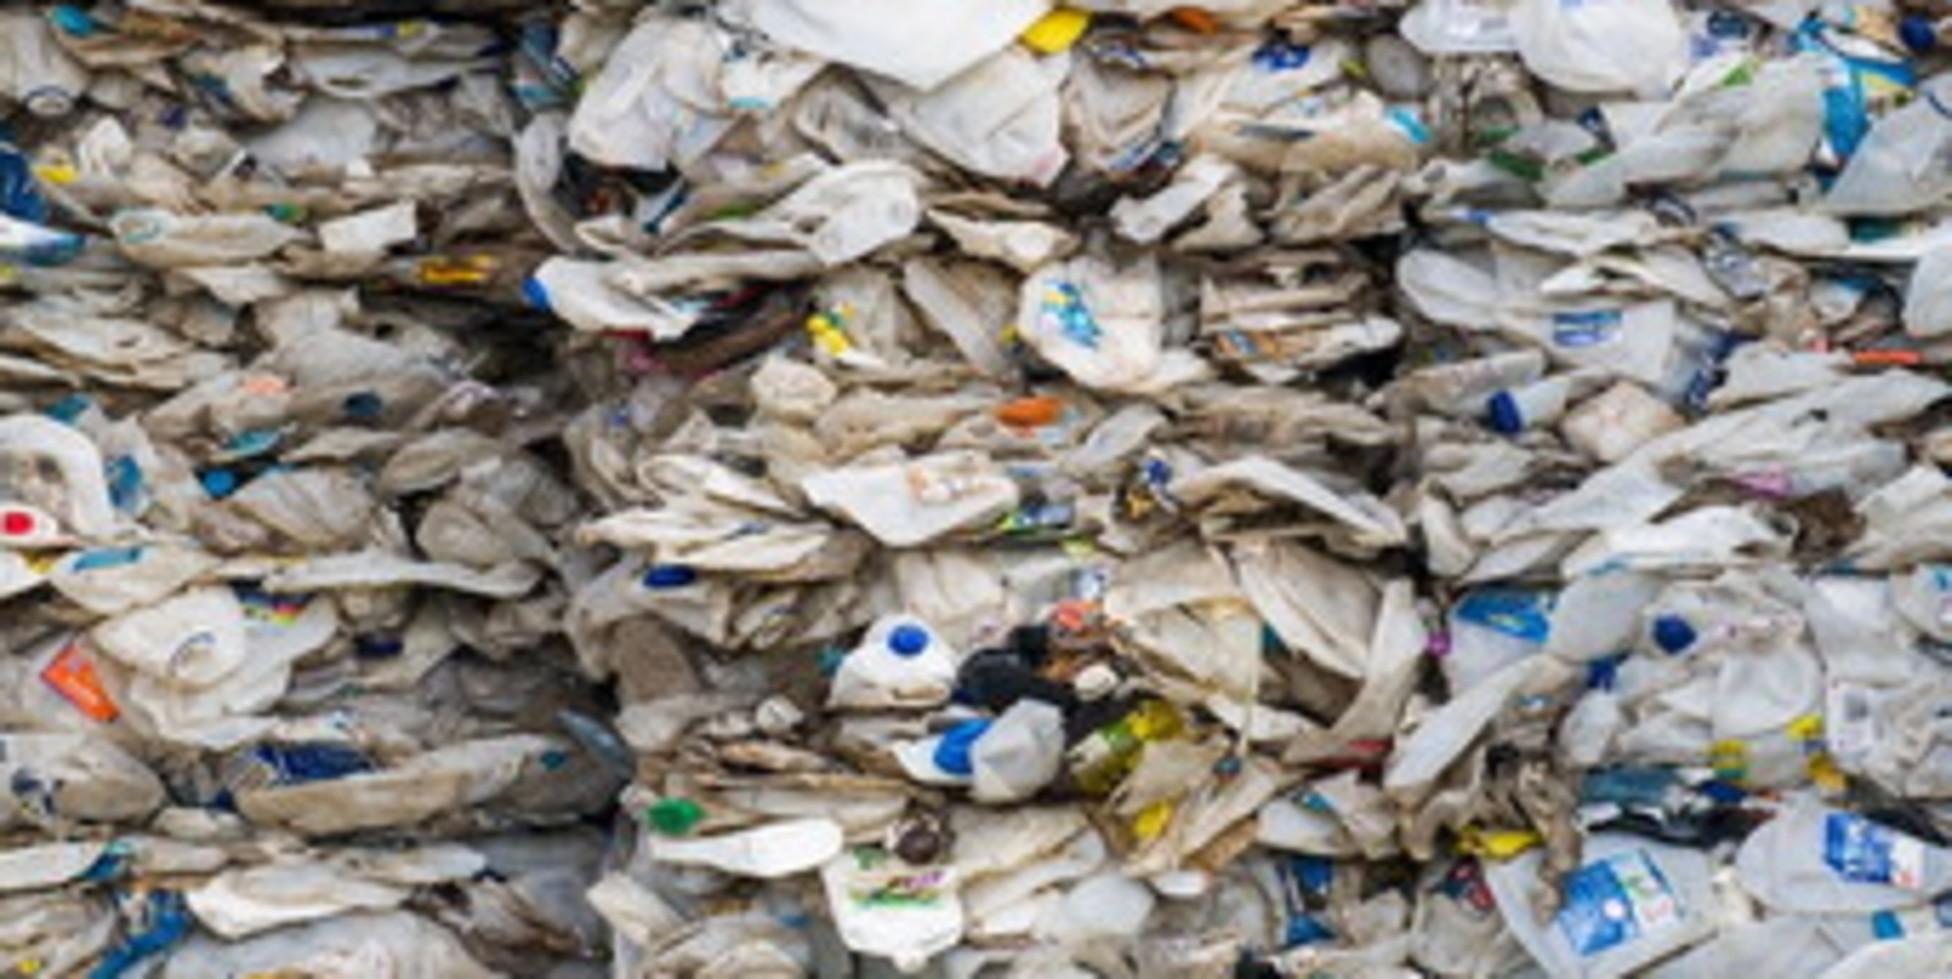 Denuncia Greenpeace: traffico illecito di rifiuti in plastica tra Italia e Malesia